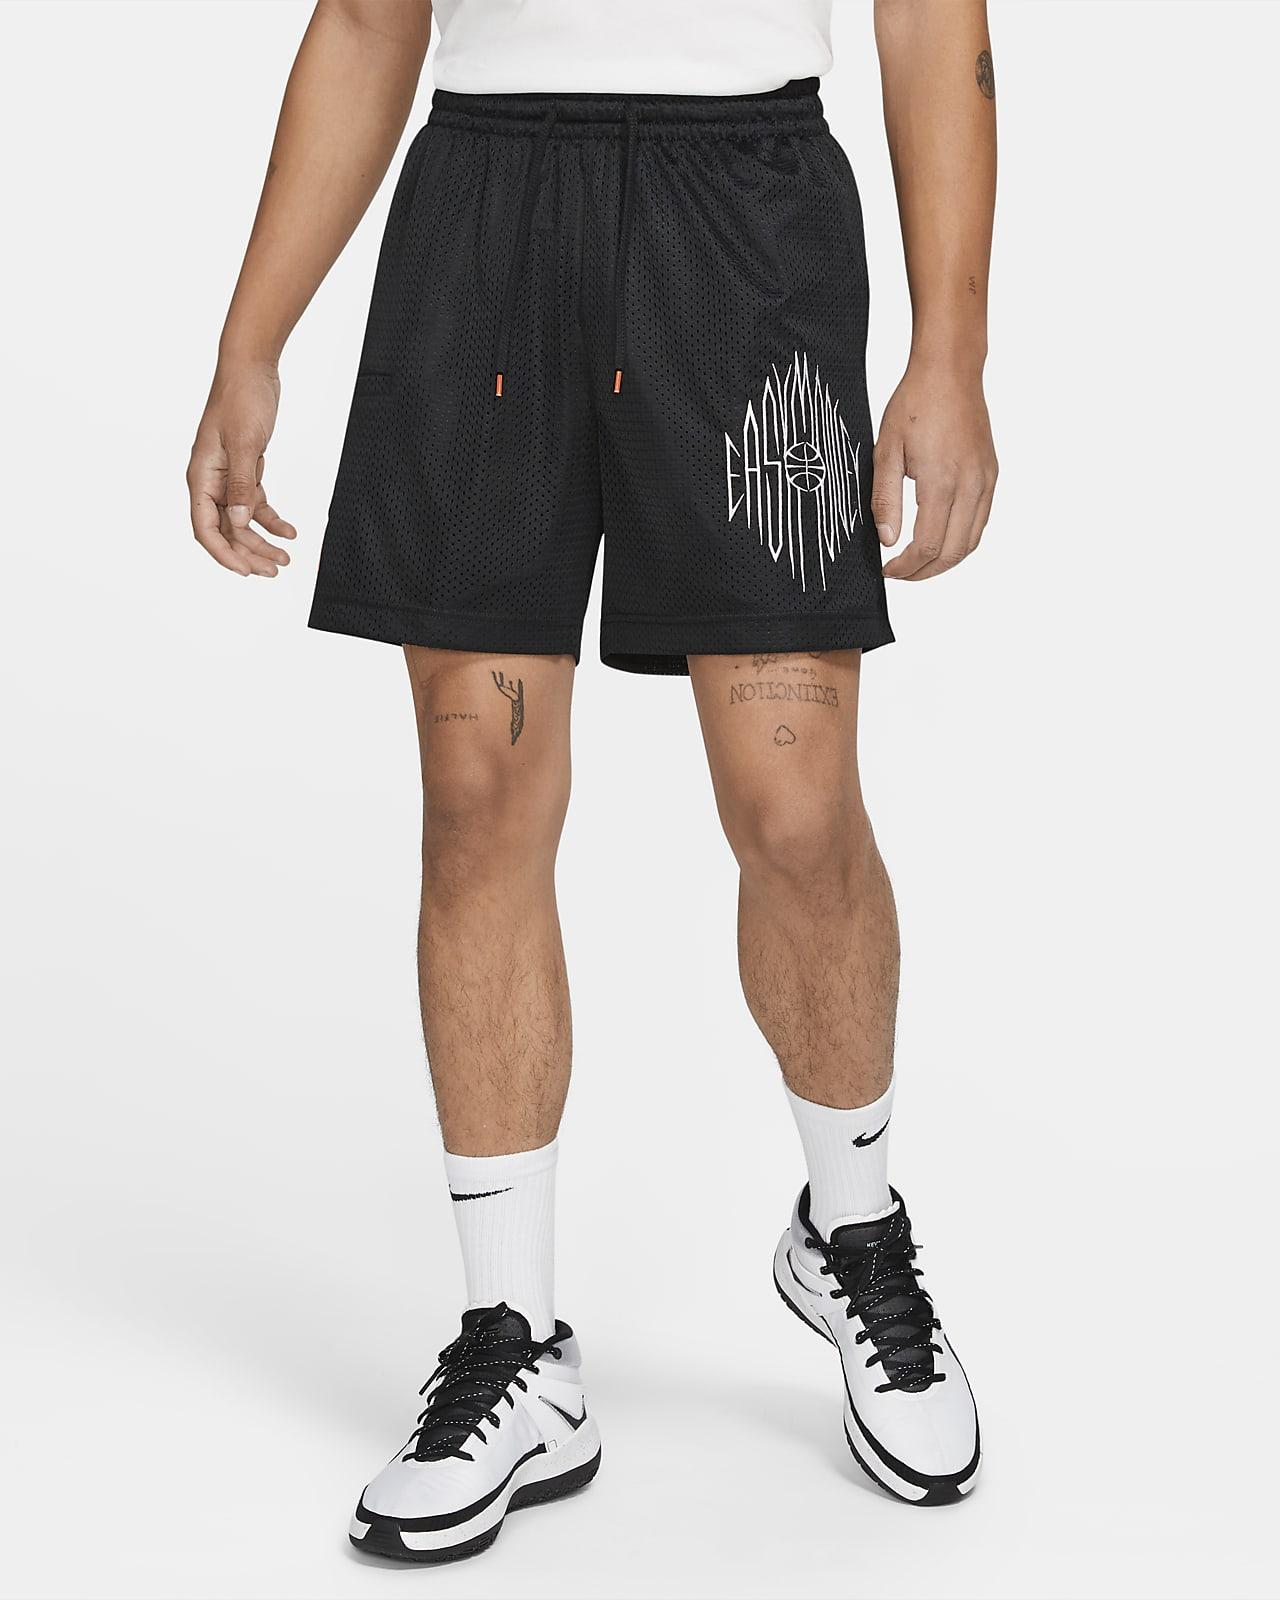 Calções de basquetebol KD para homem